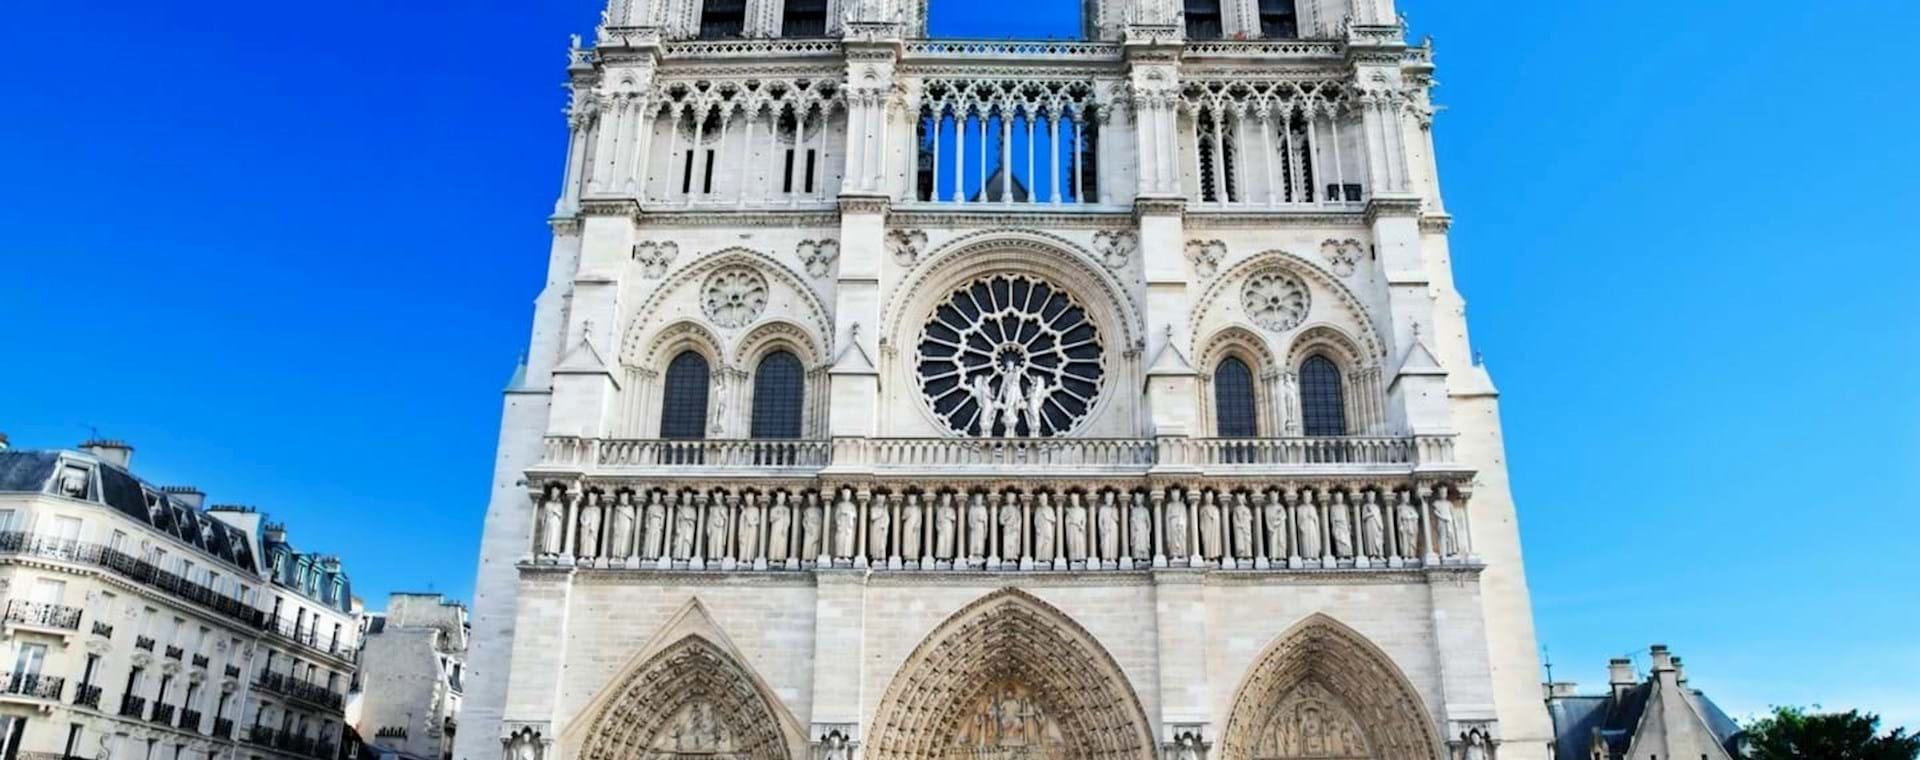 Notre Dame and Île de la Cité Tour